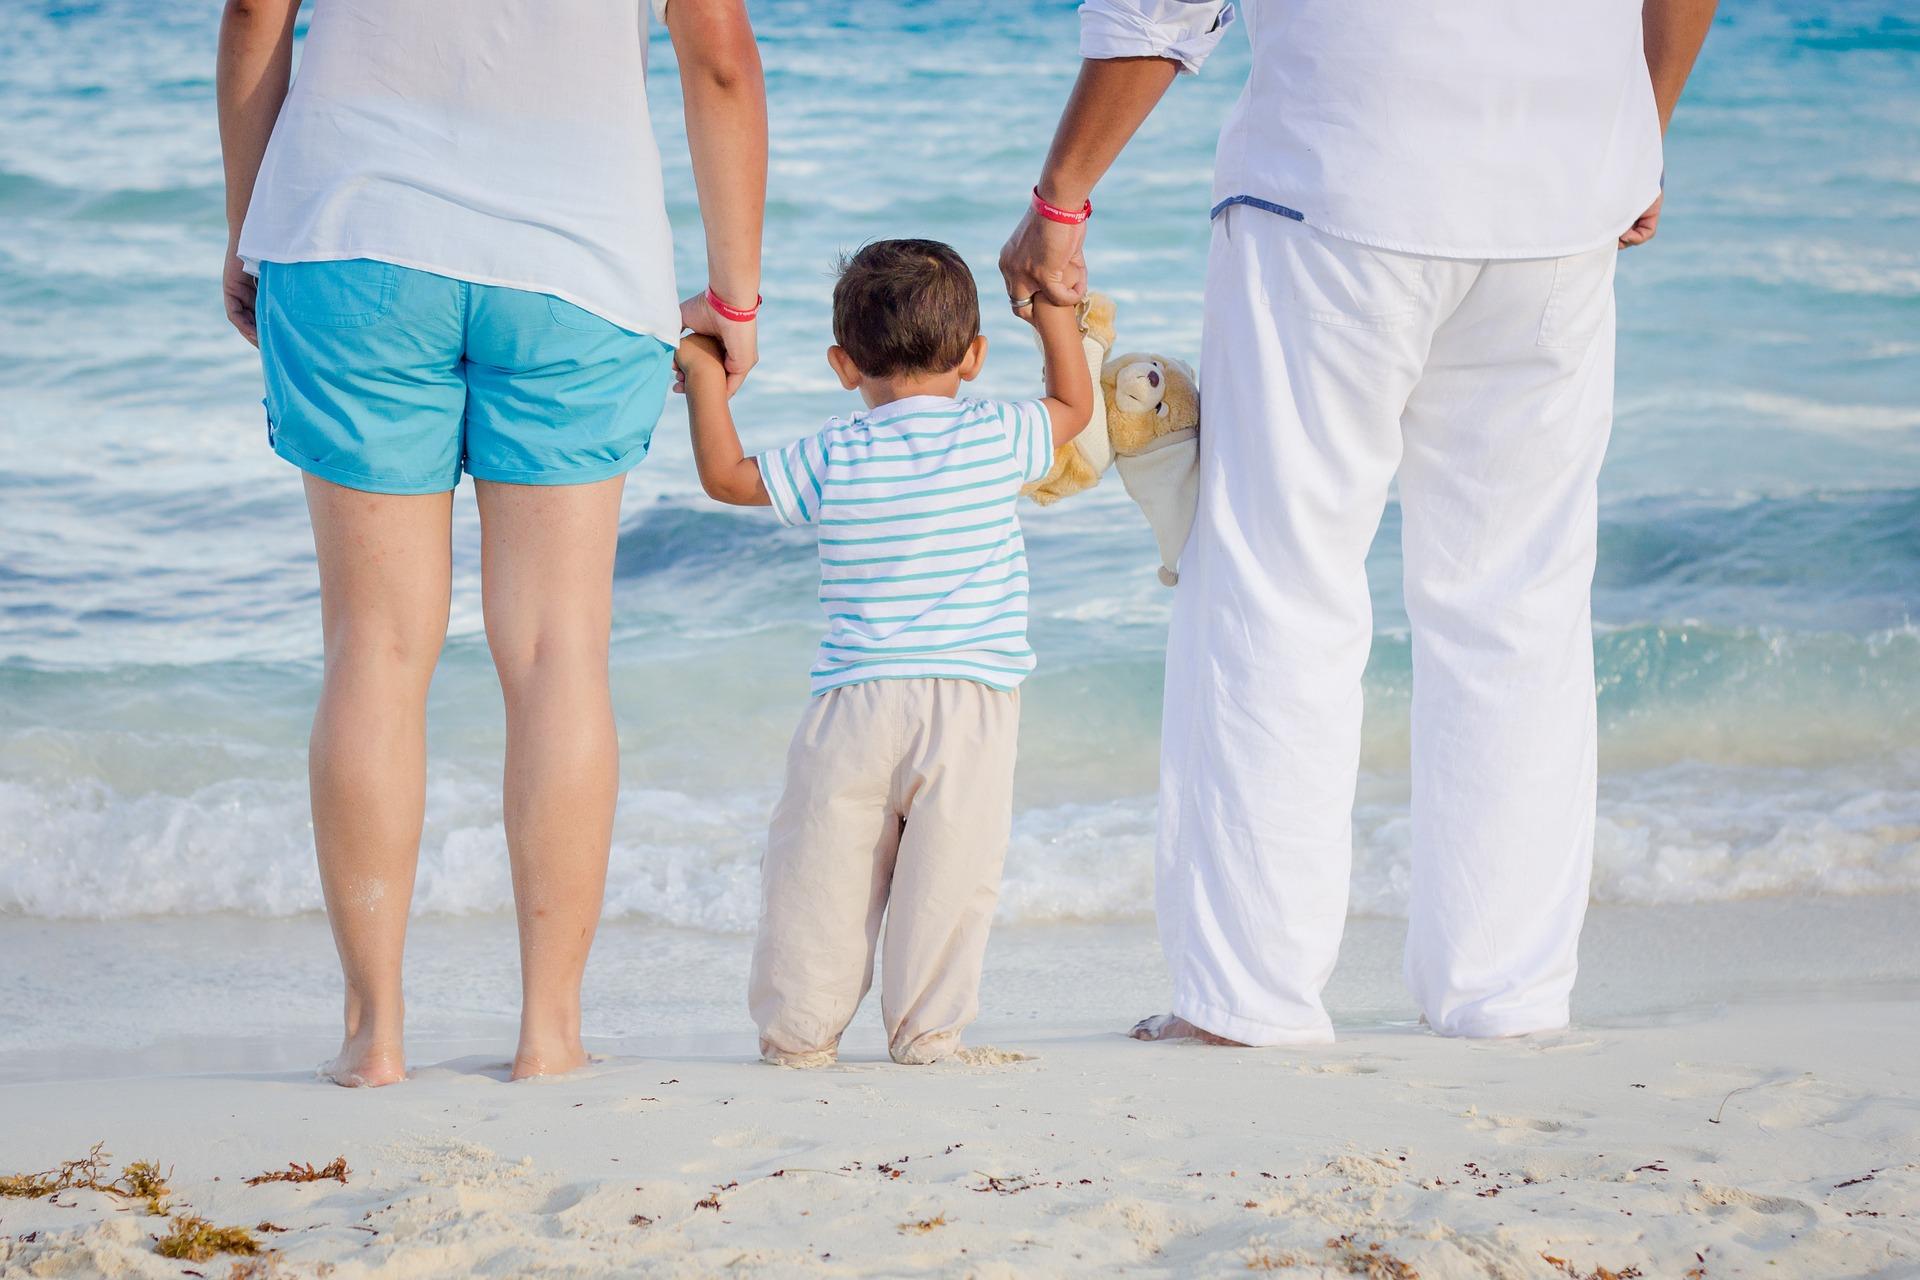 Obiteljsko ljetovanje - što ponijeti na more?